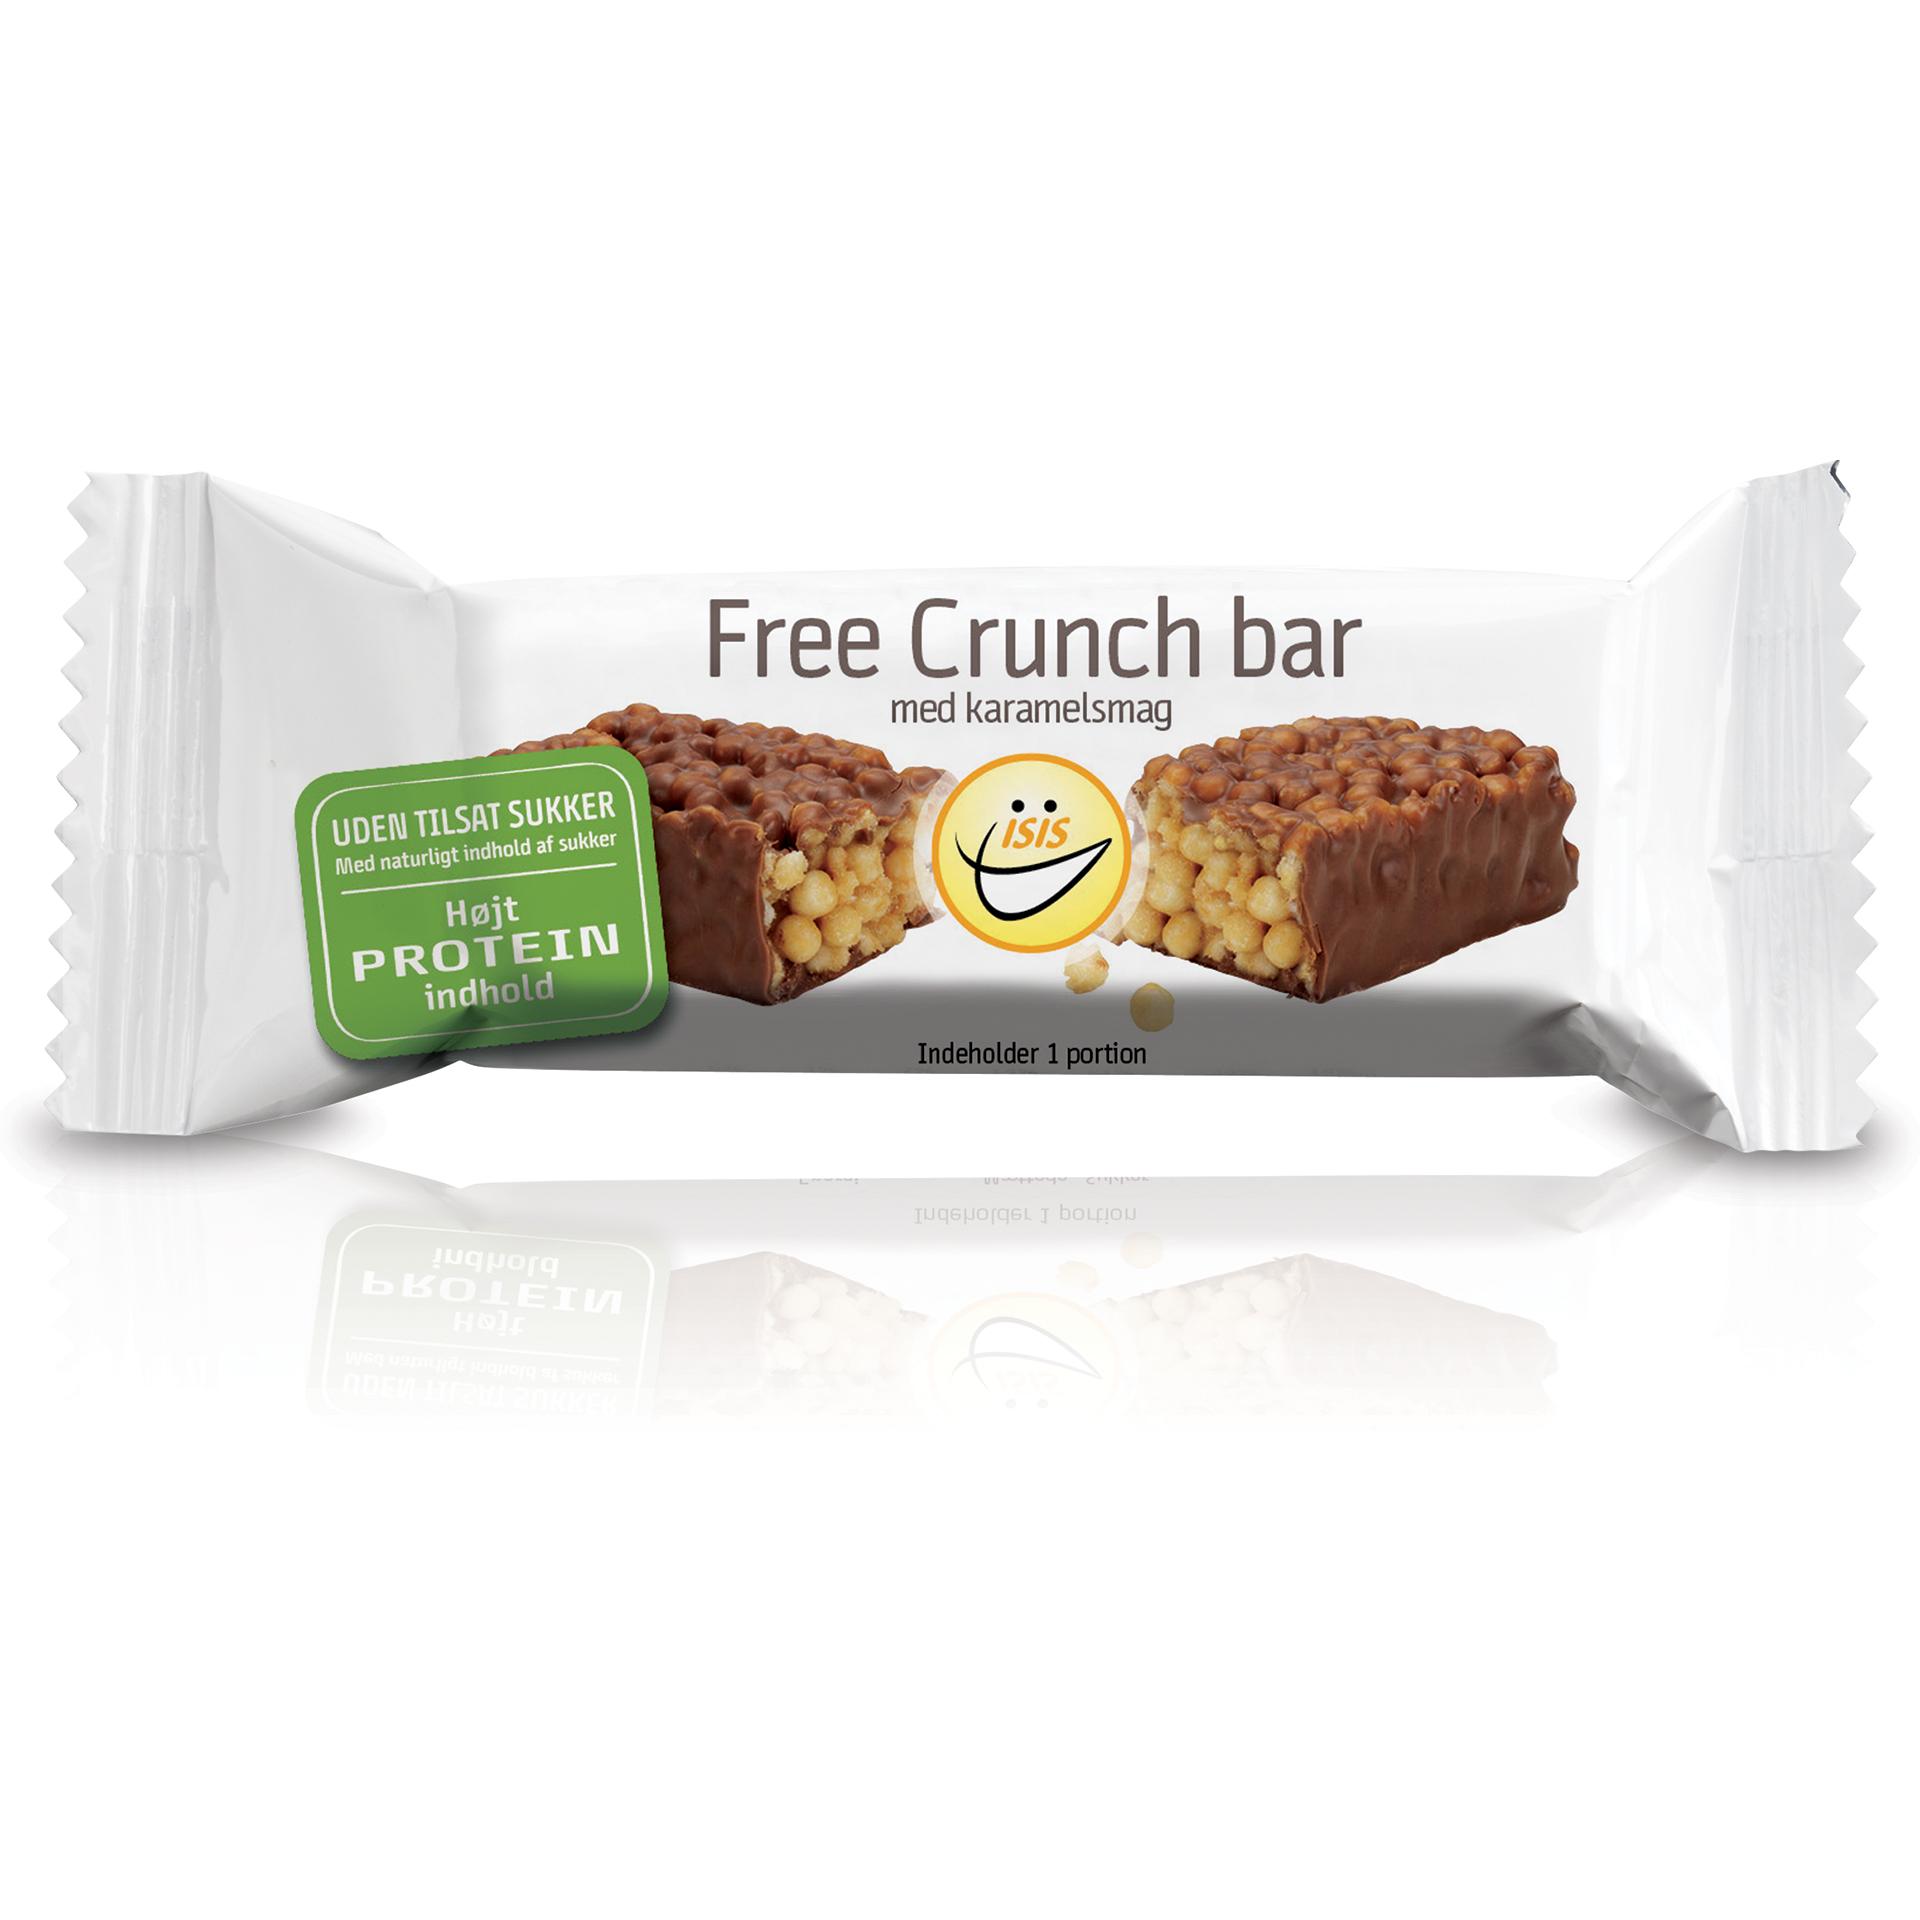 Image of EASIS Free Crunch Bar (25 stk)